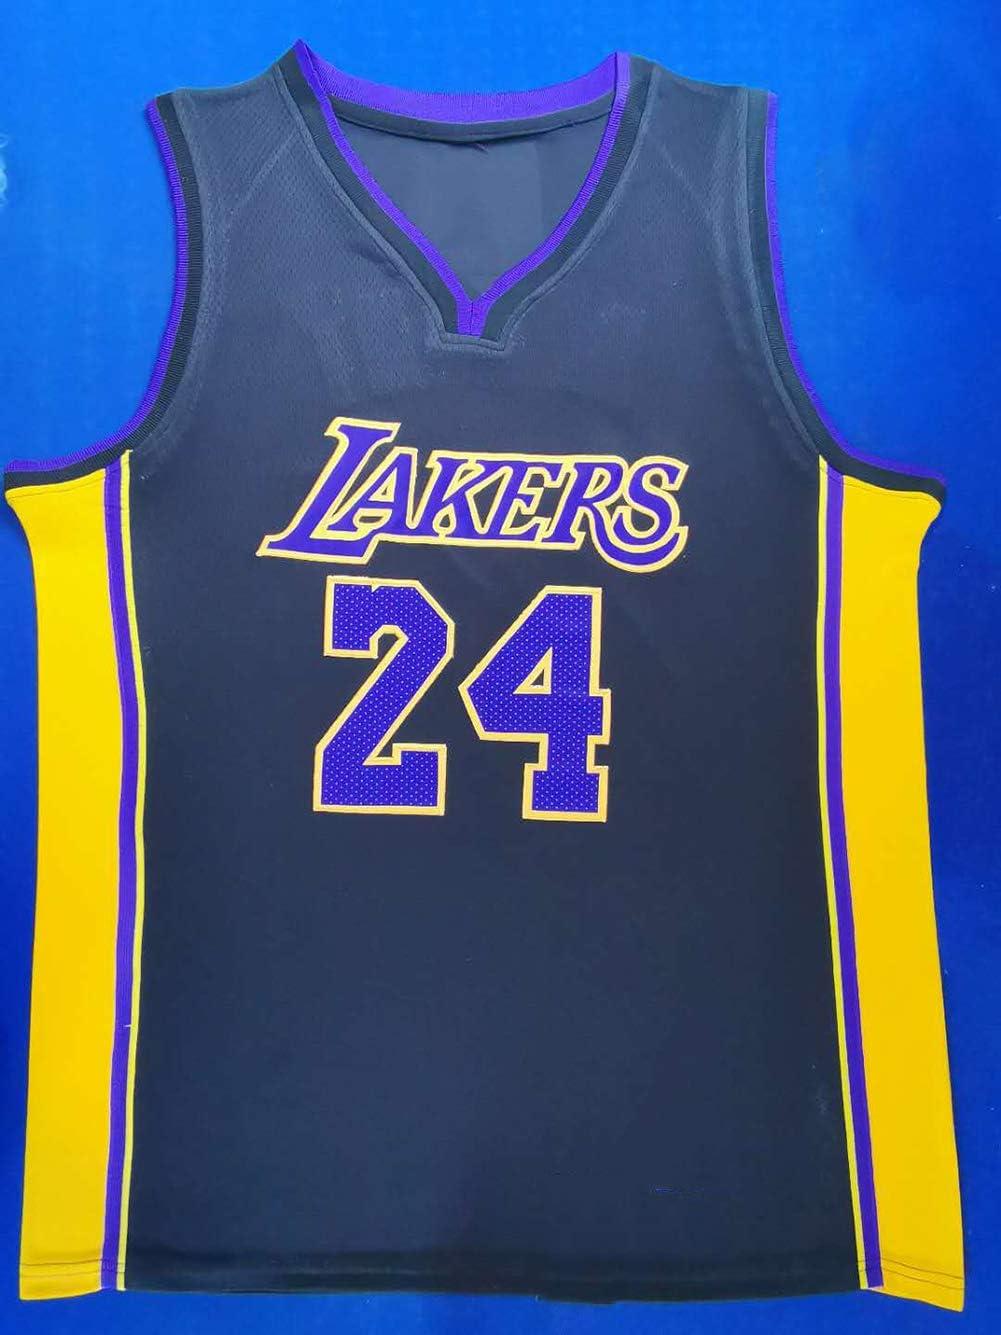 Camiseta de baloncesto para hombre unisex con el nombre y el n/úmero del jugador bordados sin mangas tama/ño xx-large N/úmero 24 de Kobe Bryant color Negro-2 Camiseta de manga corta para baloncesto A-lee